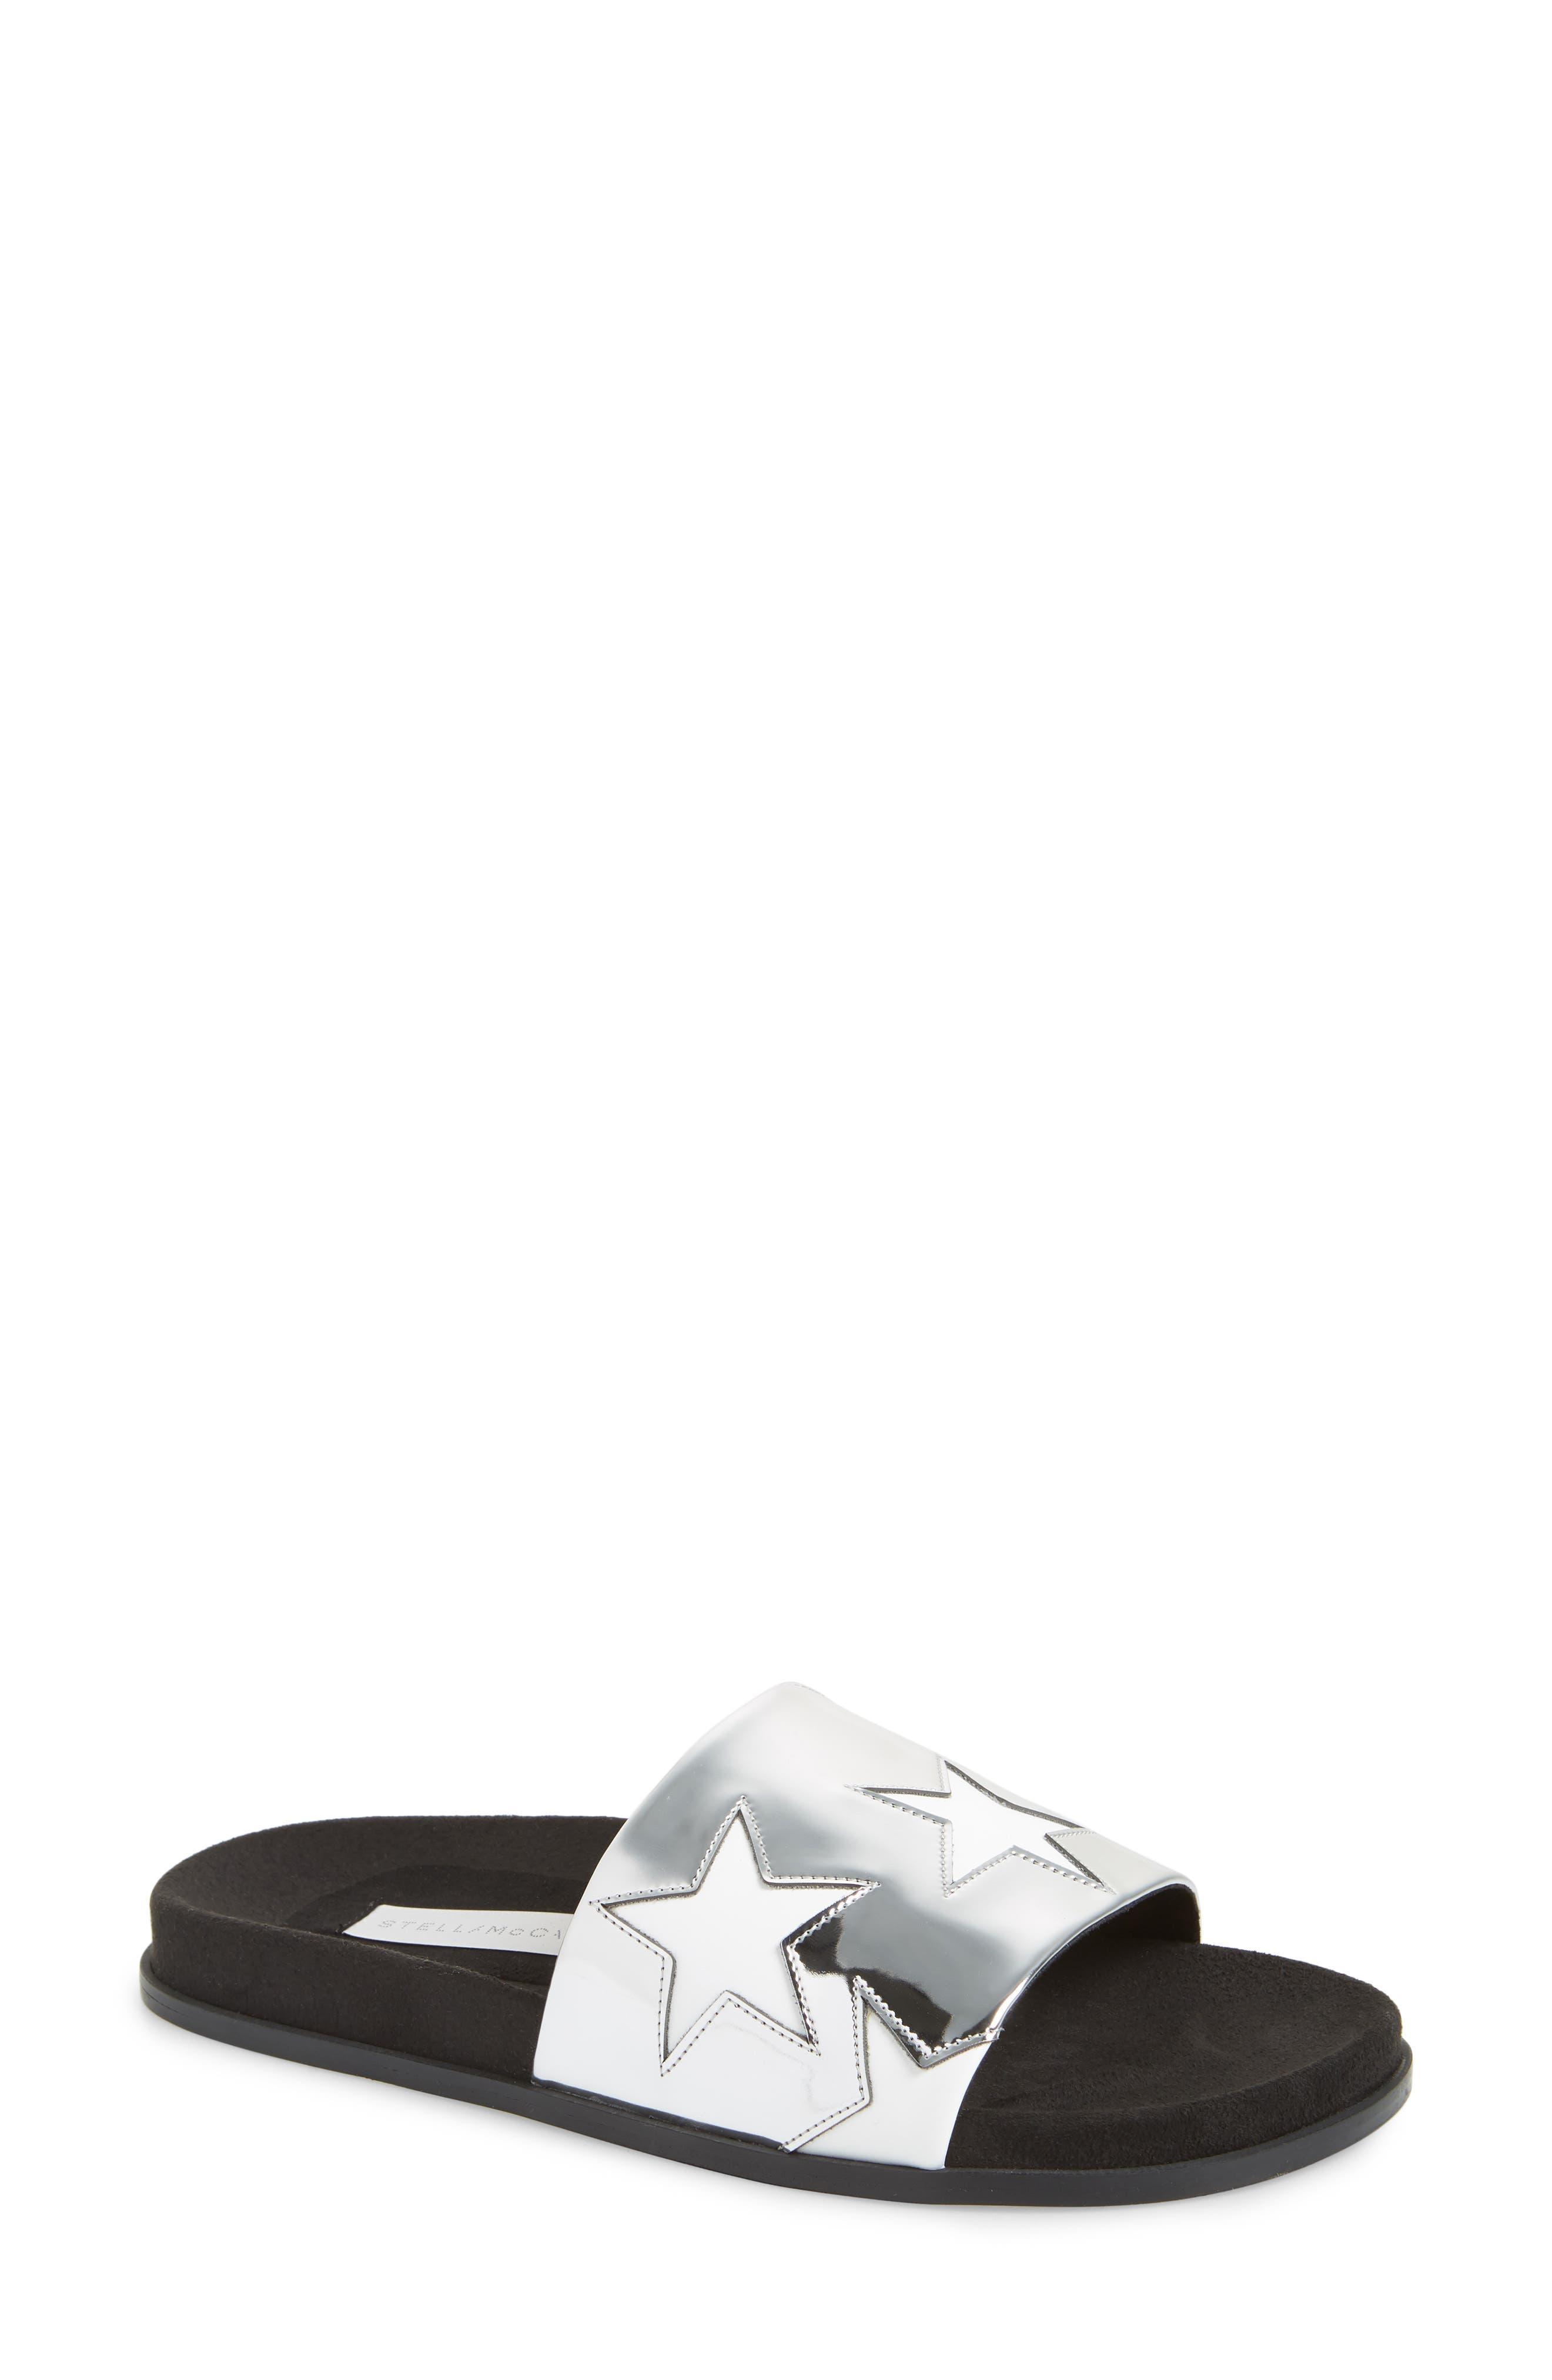 STELLA MCCARTNEY Star Slide Sandal, Main, color, 041